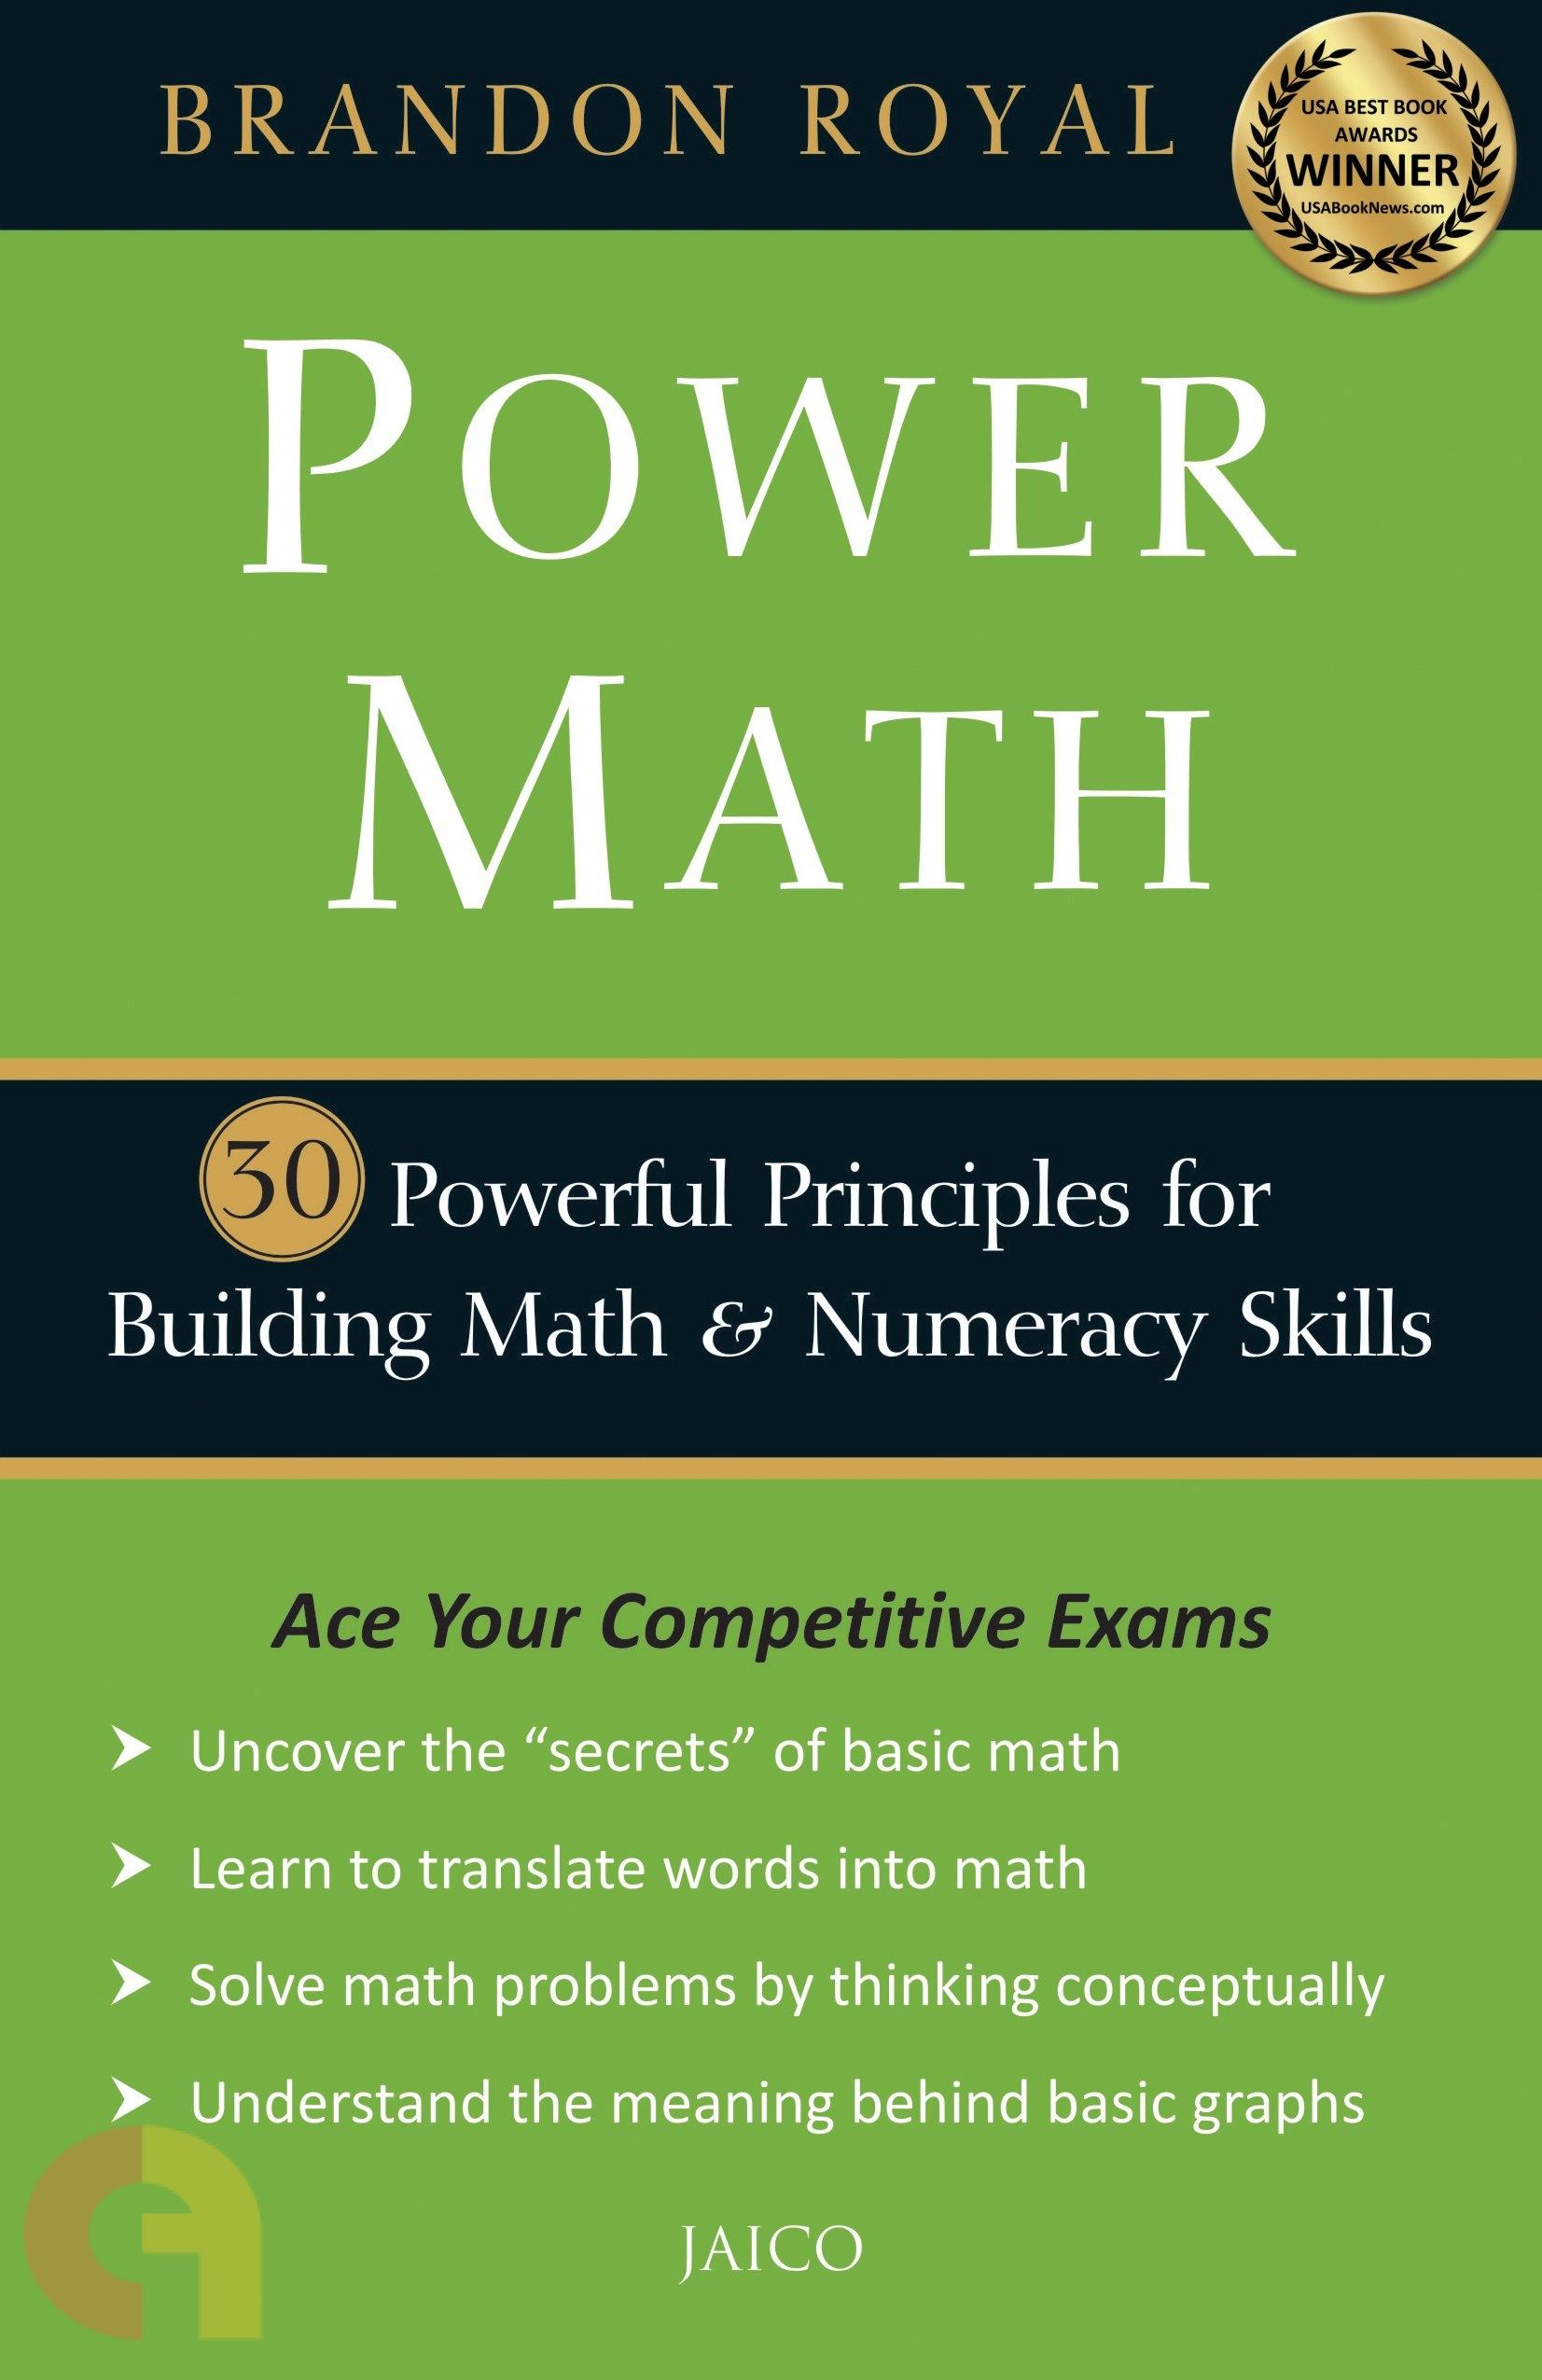 Power Math